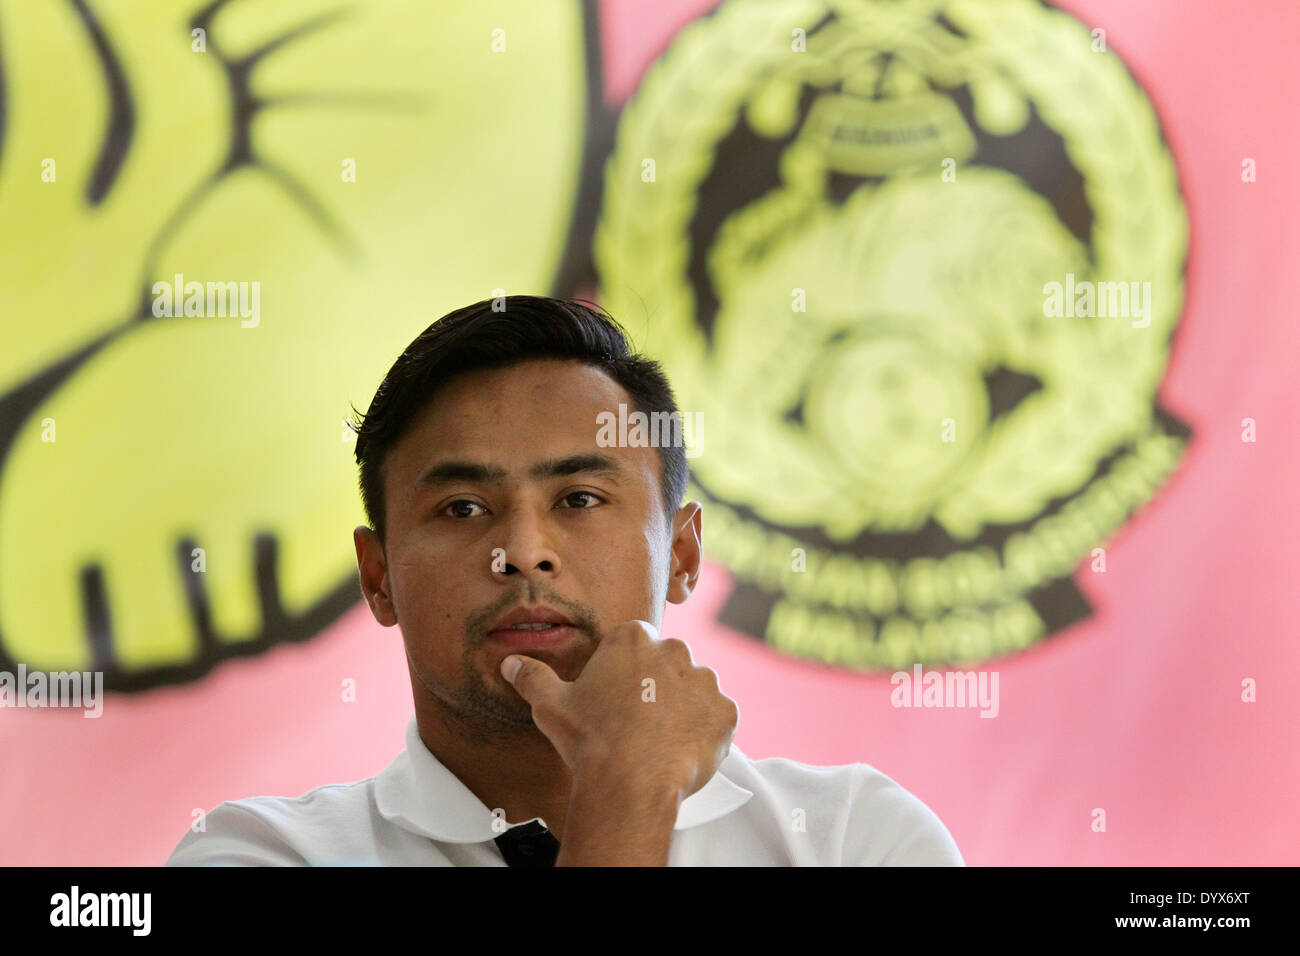 Cebu, Filippine. 26 apr 2014. La Malaysia ha capitano Aidil Zafuan gesti durante le Filippine vs Malaysia conferenza stampa tenutasi a Cebu on April 26, 2014. © Mark Cristino/NurPhoto/ZUMAPRESS.com/Alamy Live News Immagini Stock